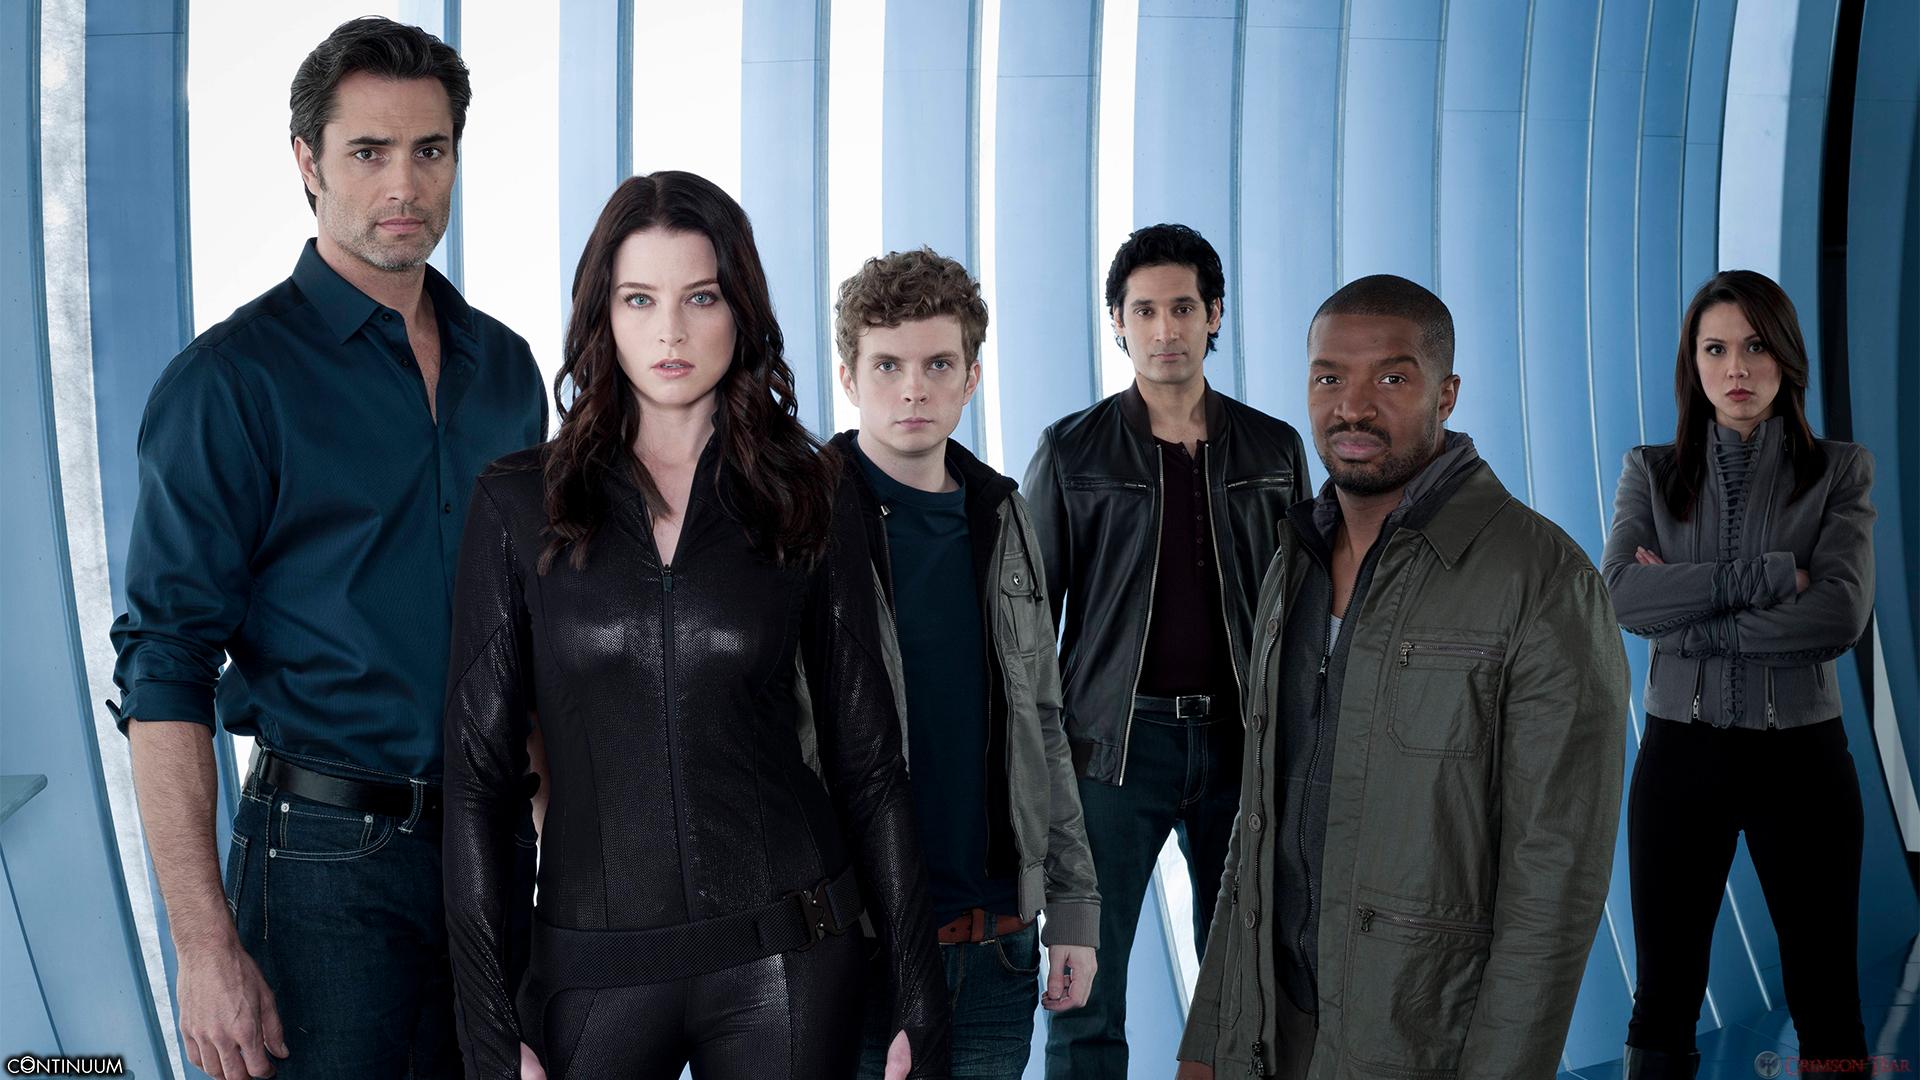 Continuum (TV Series 2012–2015) - Full Cast & Crew - IMDb